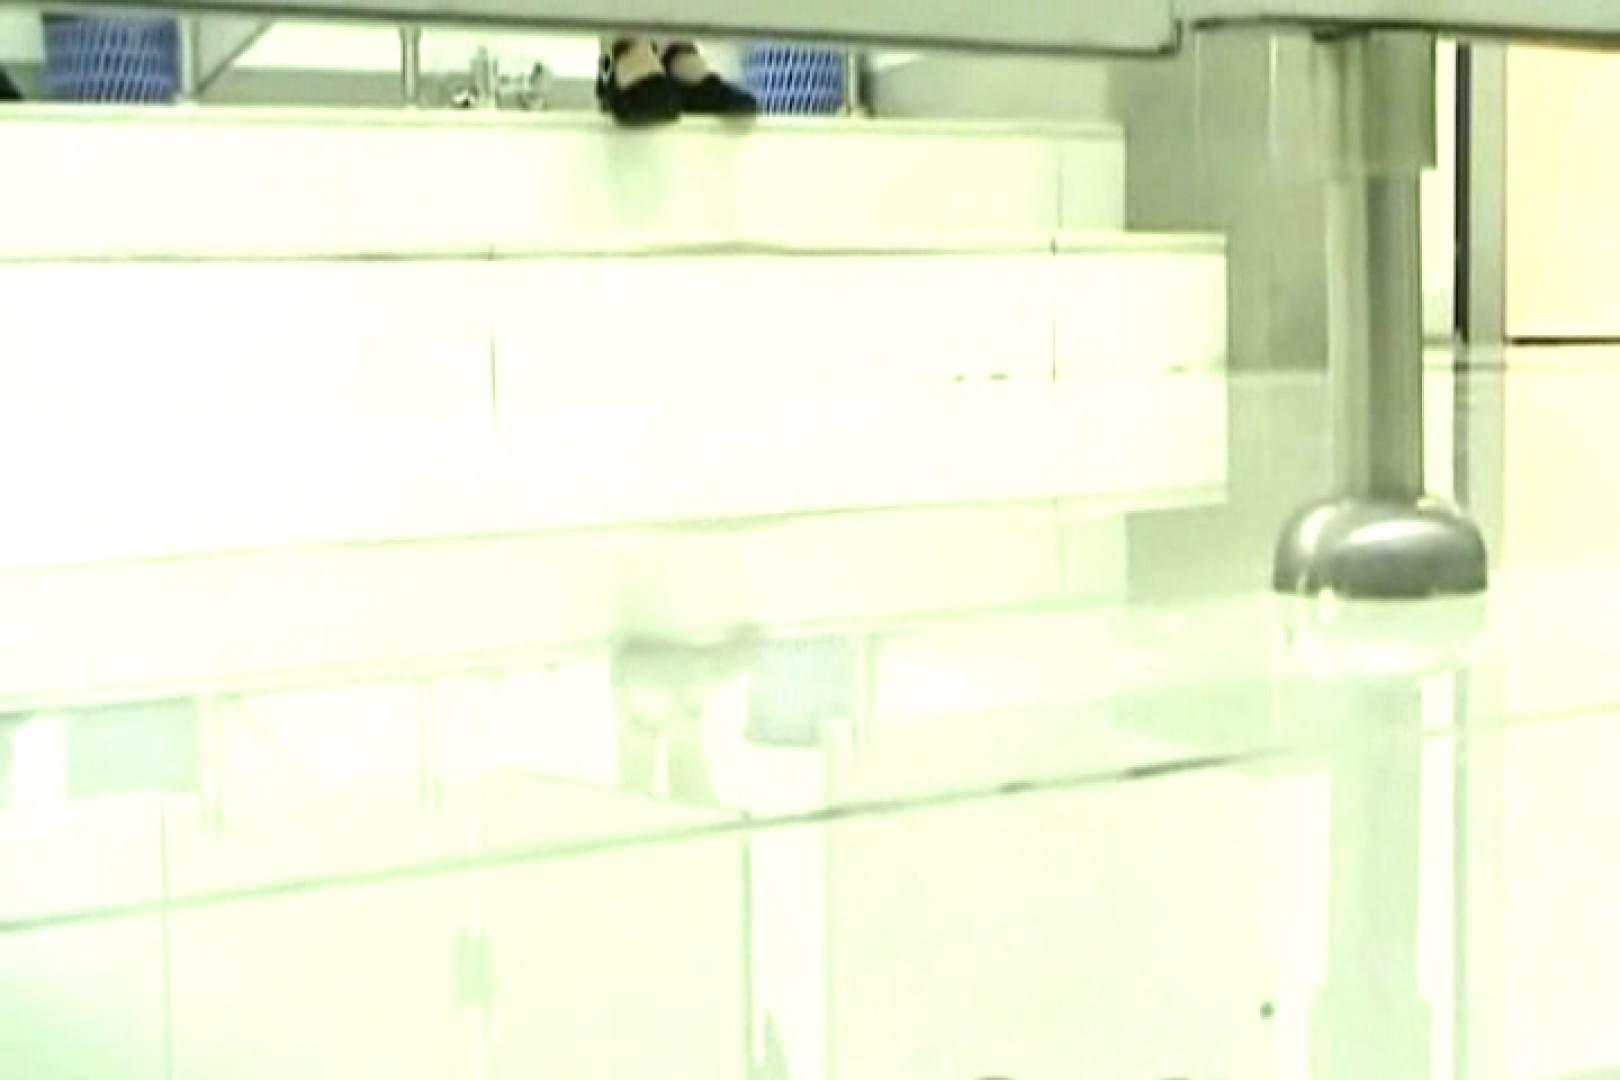 ぼっとん洗面所スペシャルVol.2 おまんこ オマンコ動画キャプチャ 106pic 19